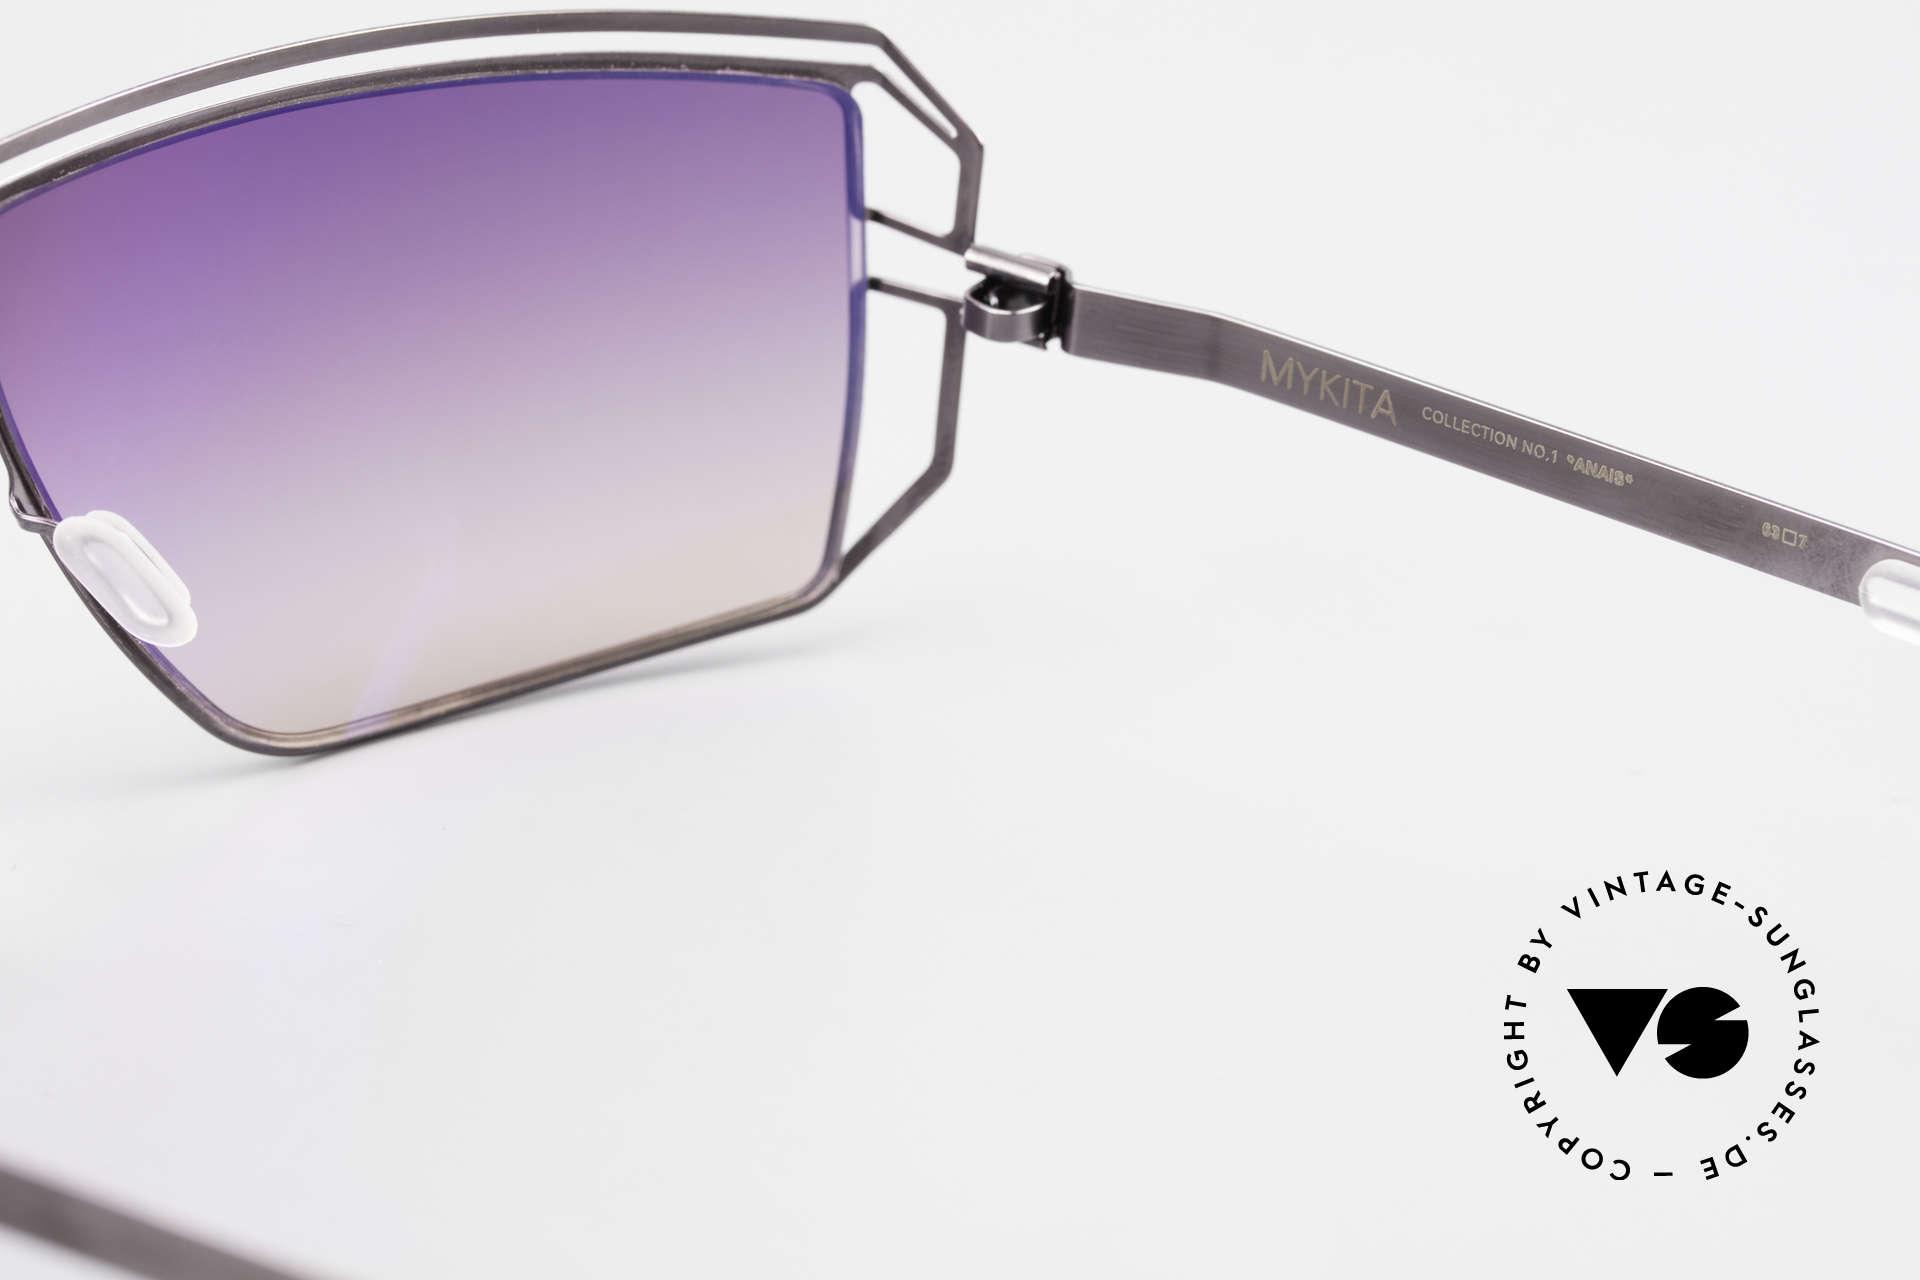 Mykita Anais Designer Sonnenbrille von 2007, daher jetzt bei uns (natürlich ungetragen und mit Etui), Passend für Damen